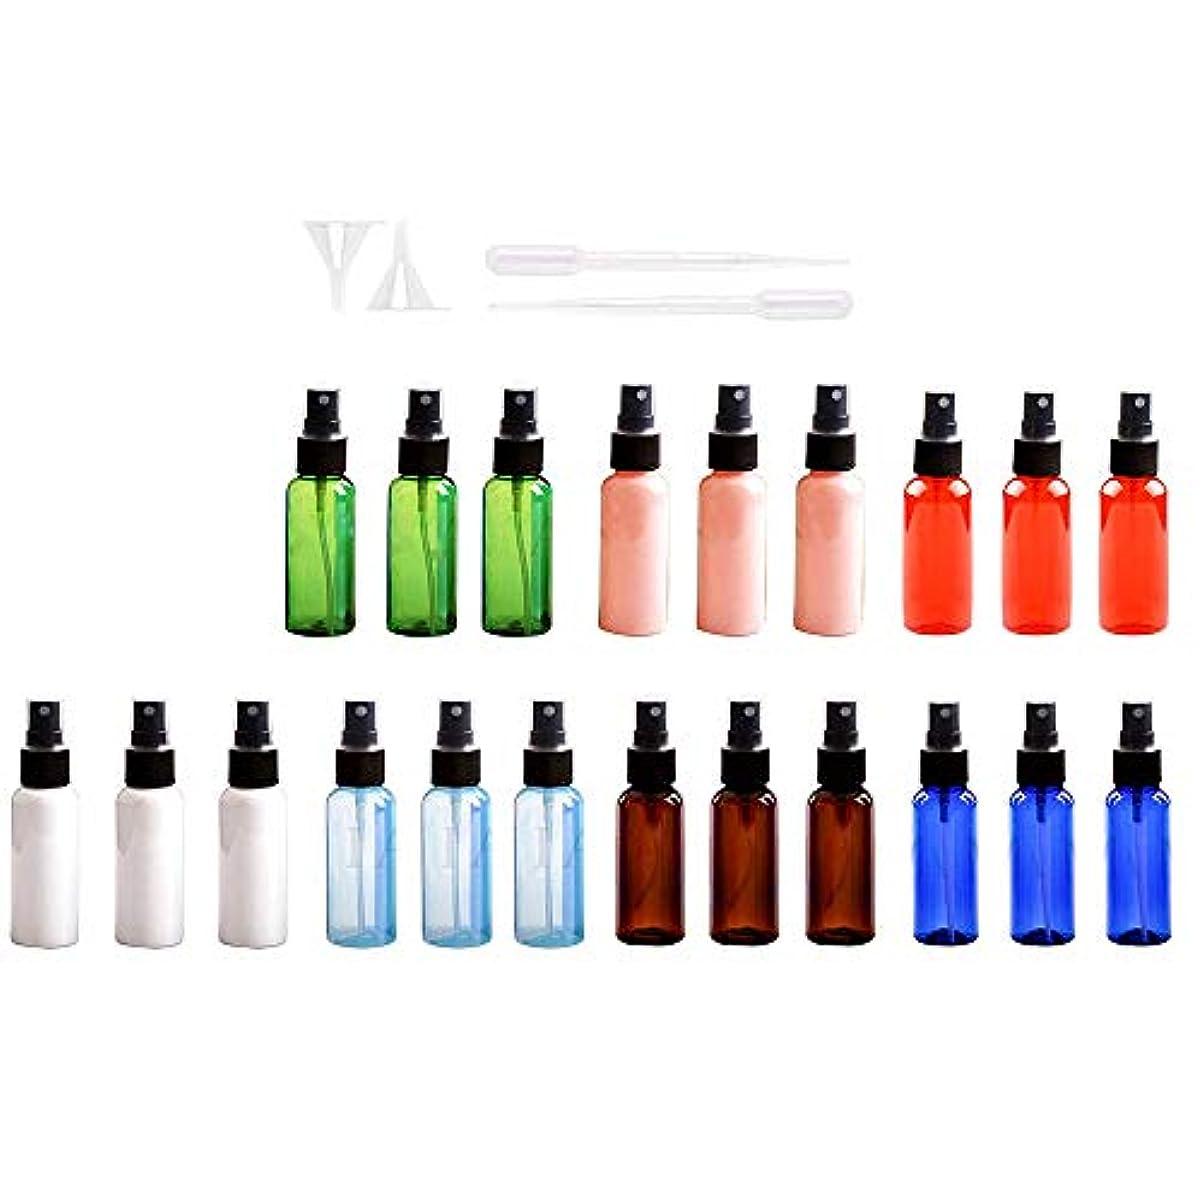 不快試用ビートスプレーボトル 21本セット 詰替ボトル 遮光 空容器 霧吹き30ML 遮光瓶スプレーキャップ付 プラスチック製